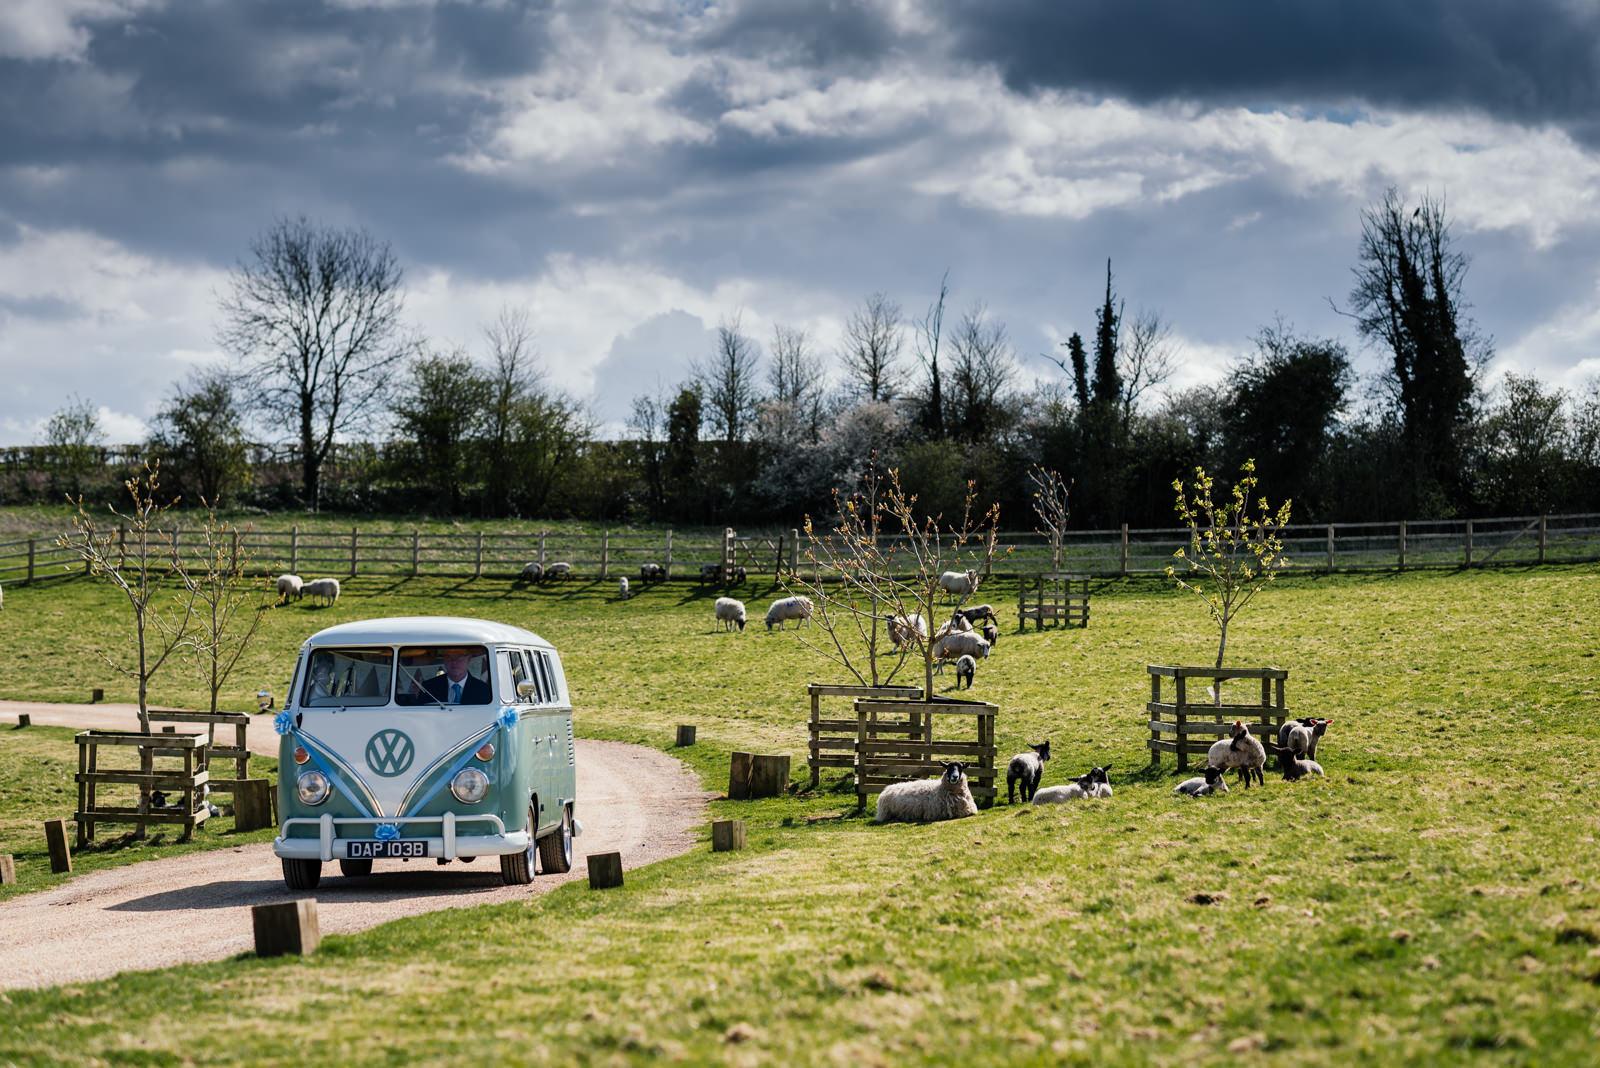 camper van arriving at dodford manor